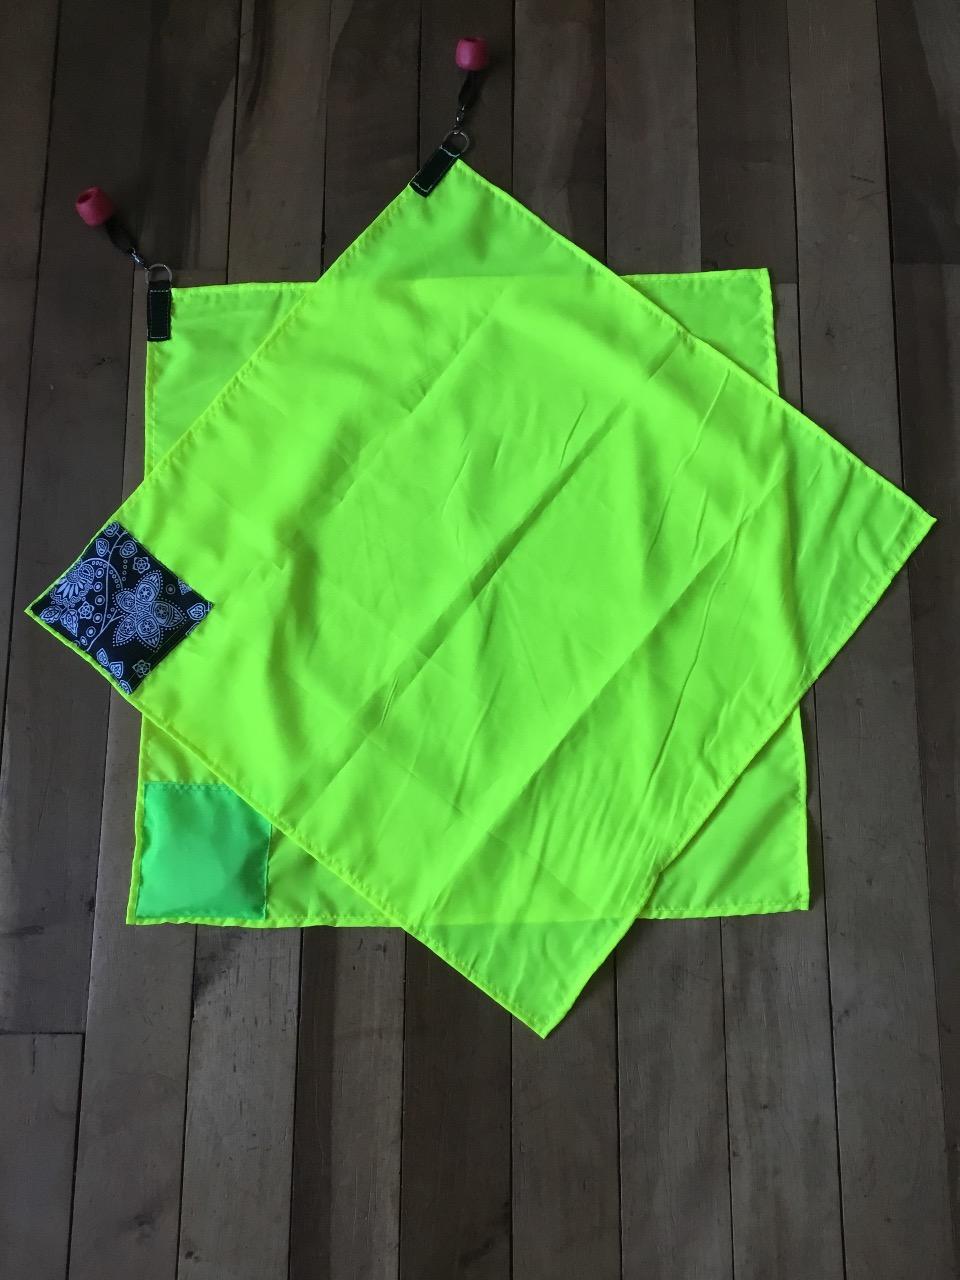 Banderas Amarillo Fosforescente